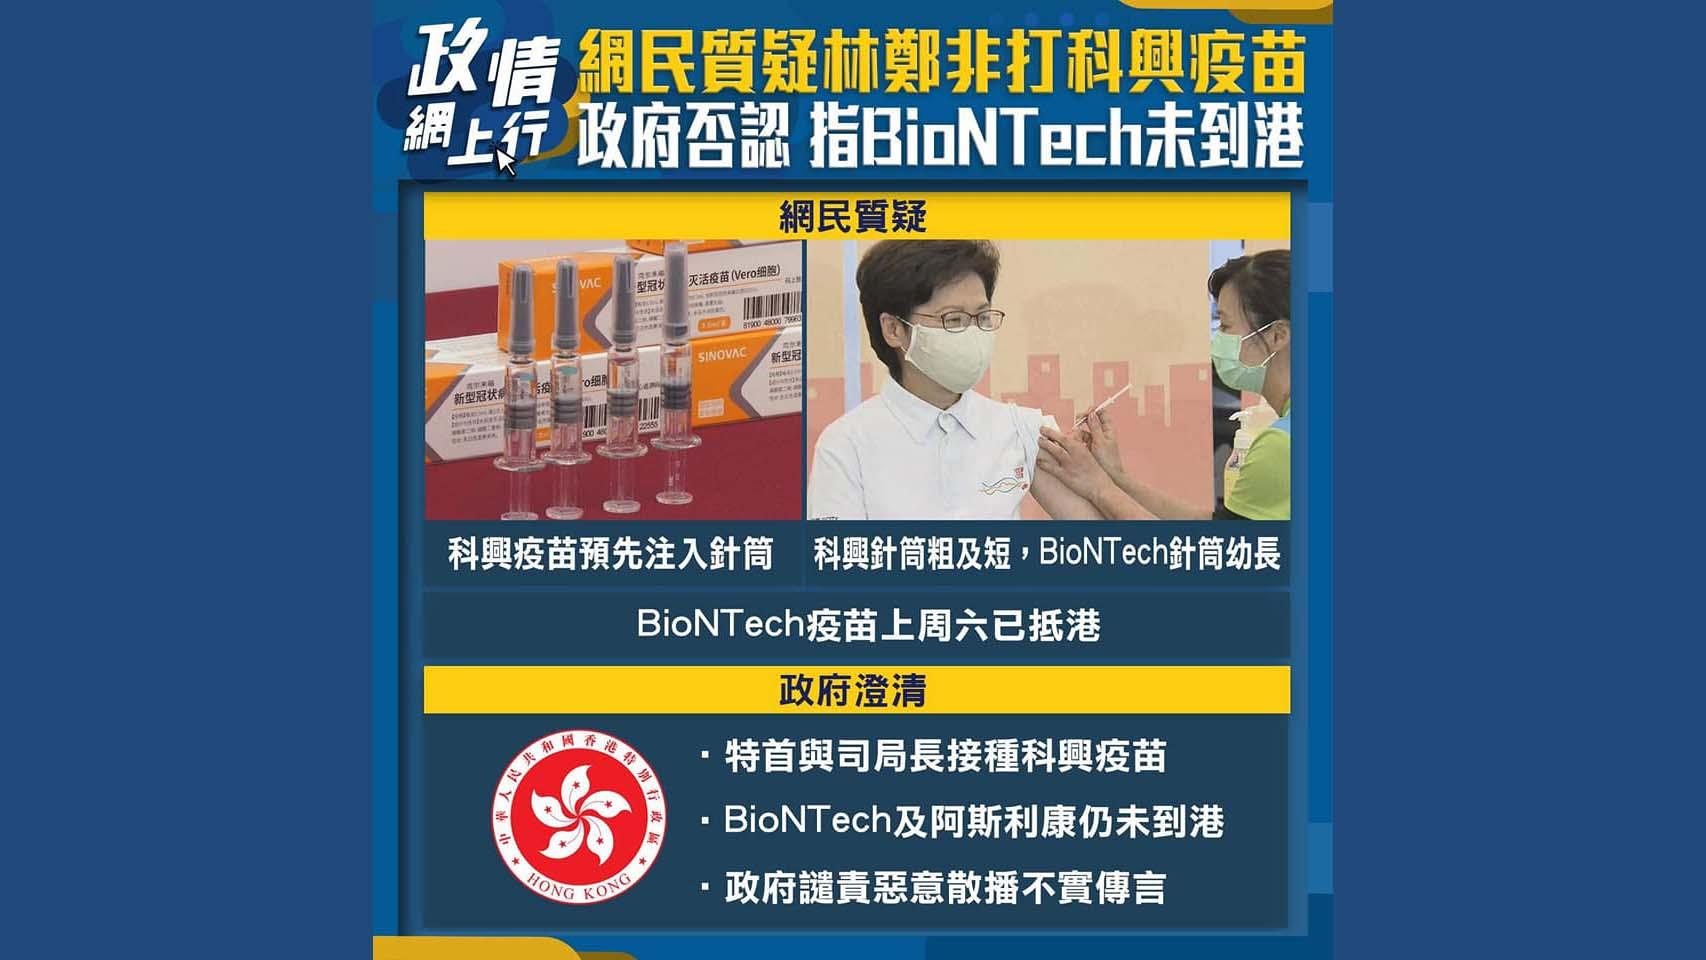 【政情網上行】網民質疑林鄭非打科興疫苗 政府否認 指BioNTech未到港